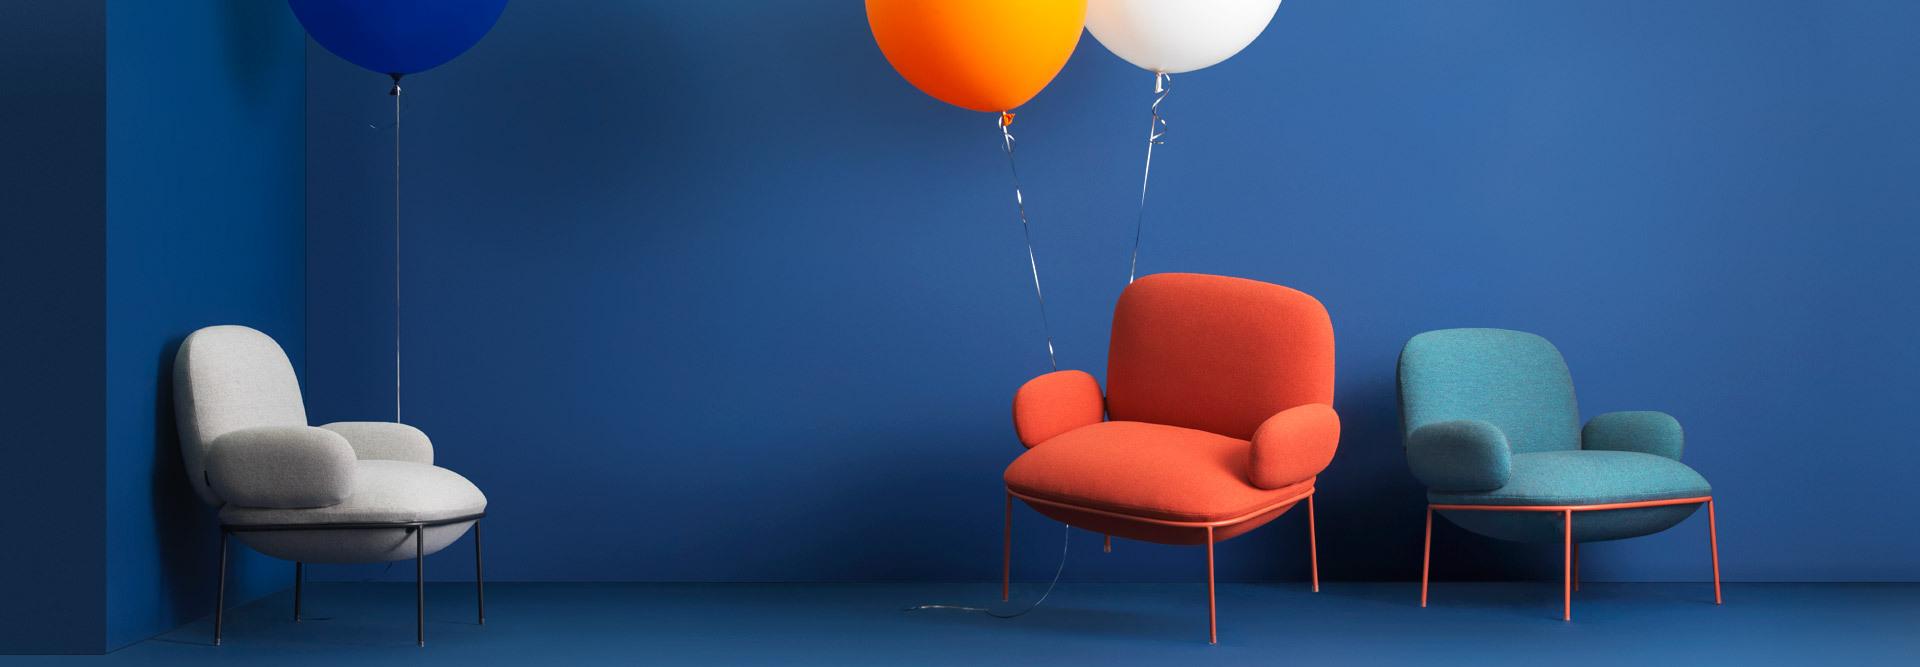 3色饱满气球,系住心中少年